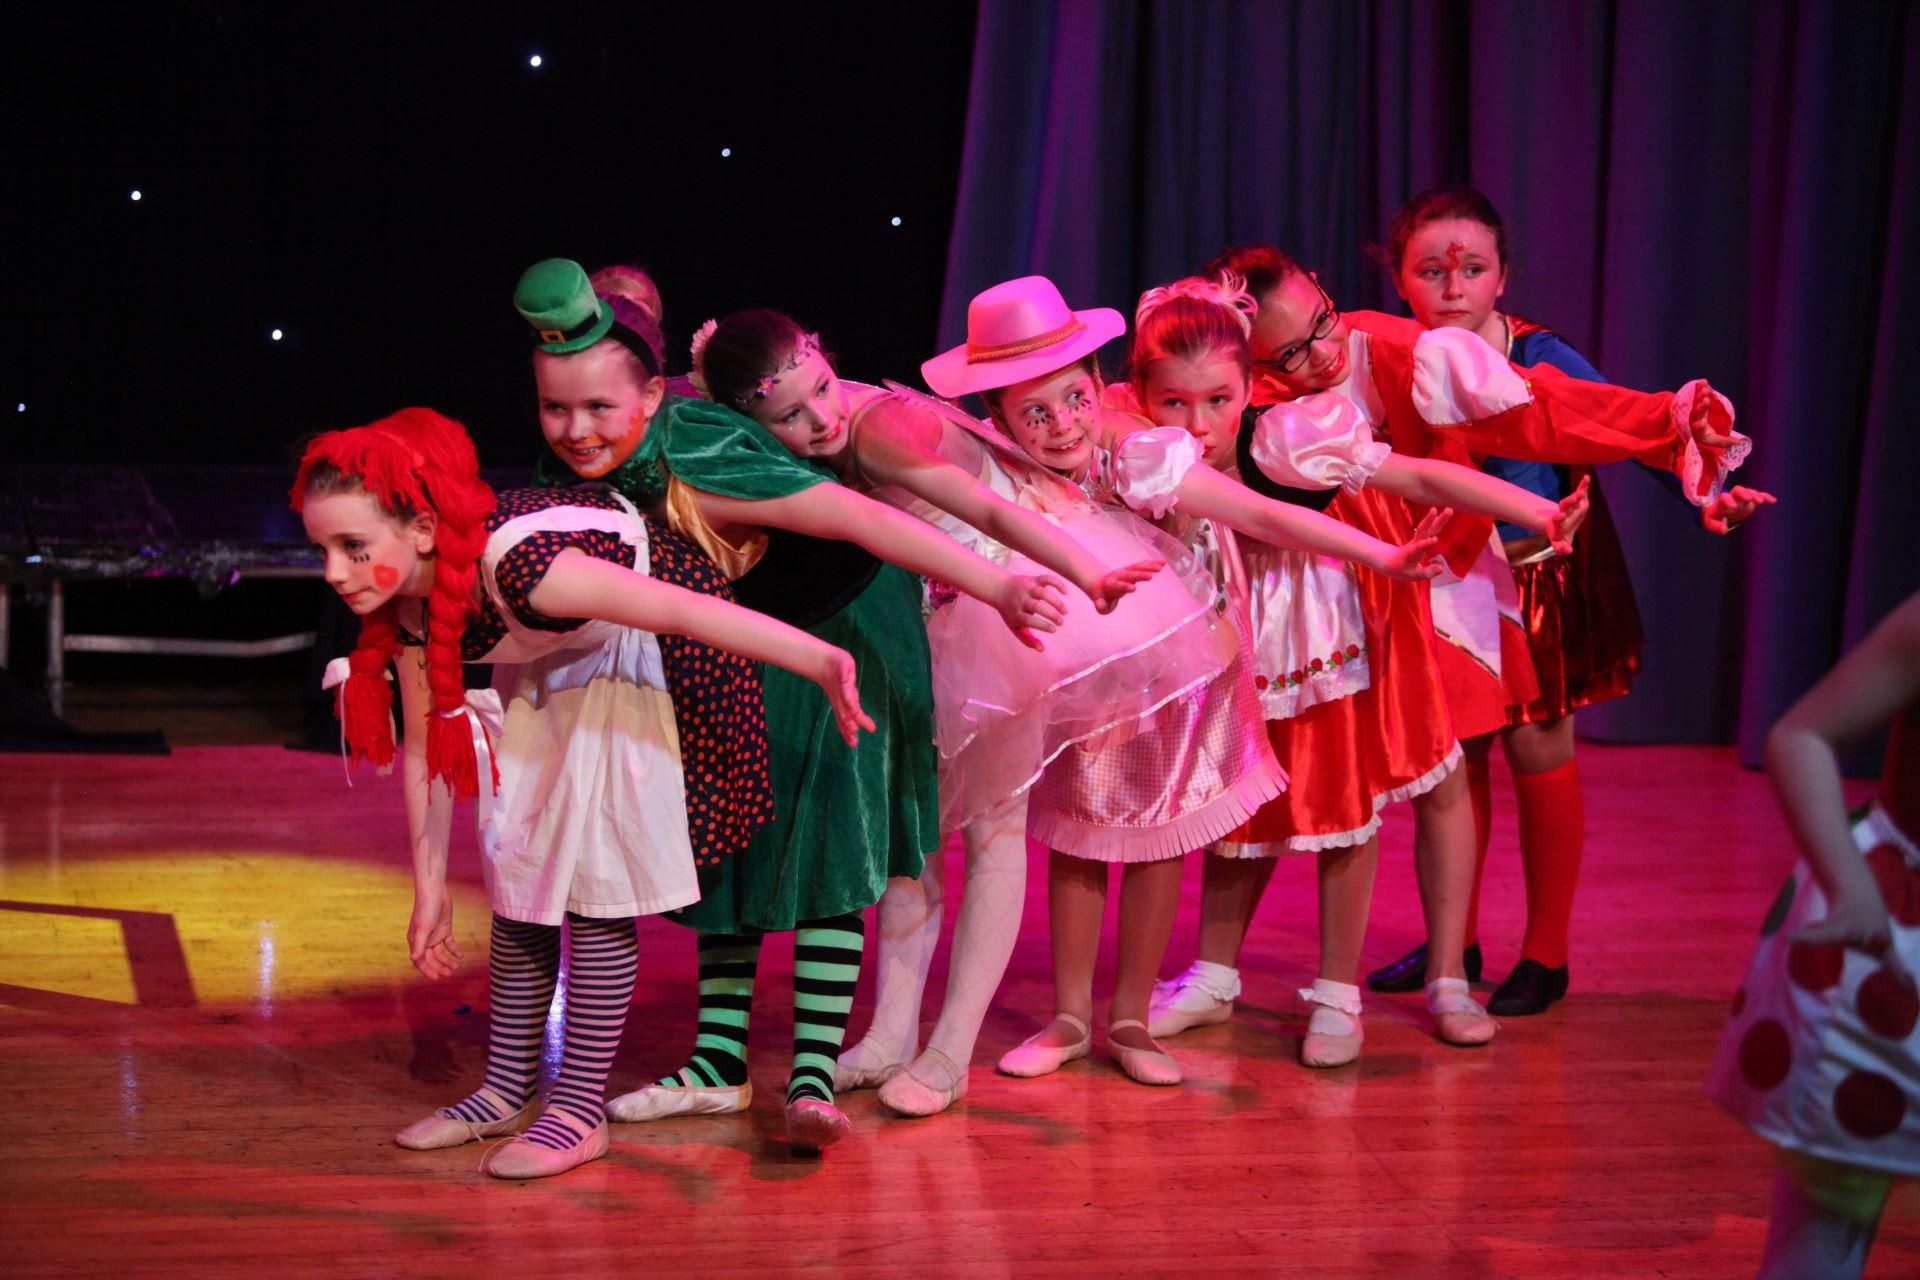 Musical Theatre dancing